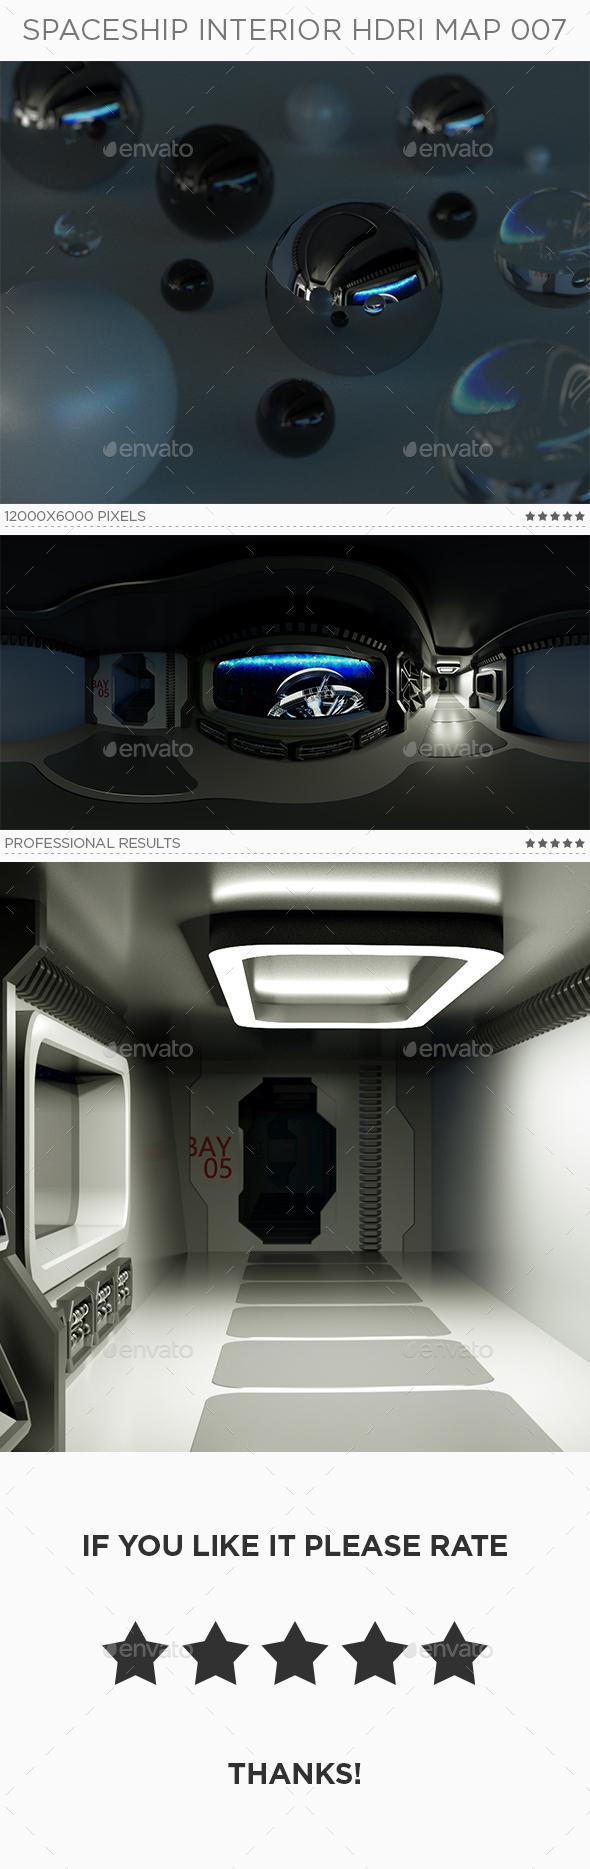 Spaceship Interior HDRi Map 007 - 3DOcean Item for Sale